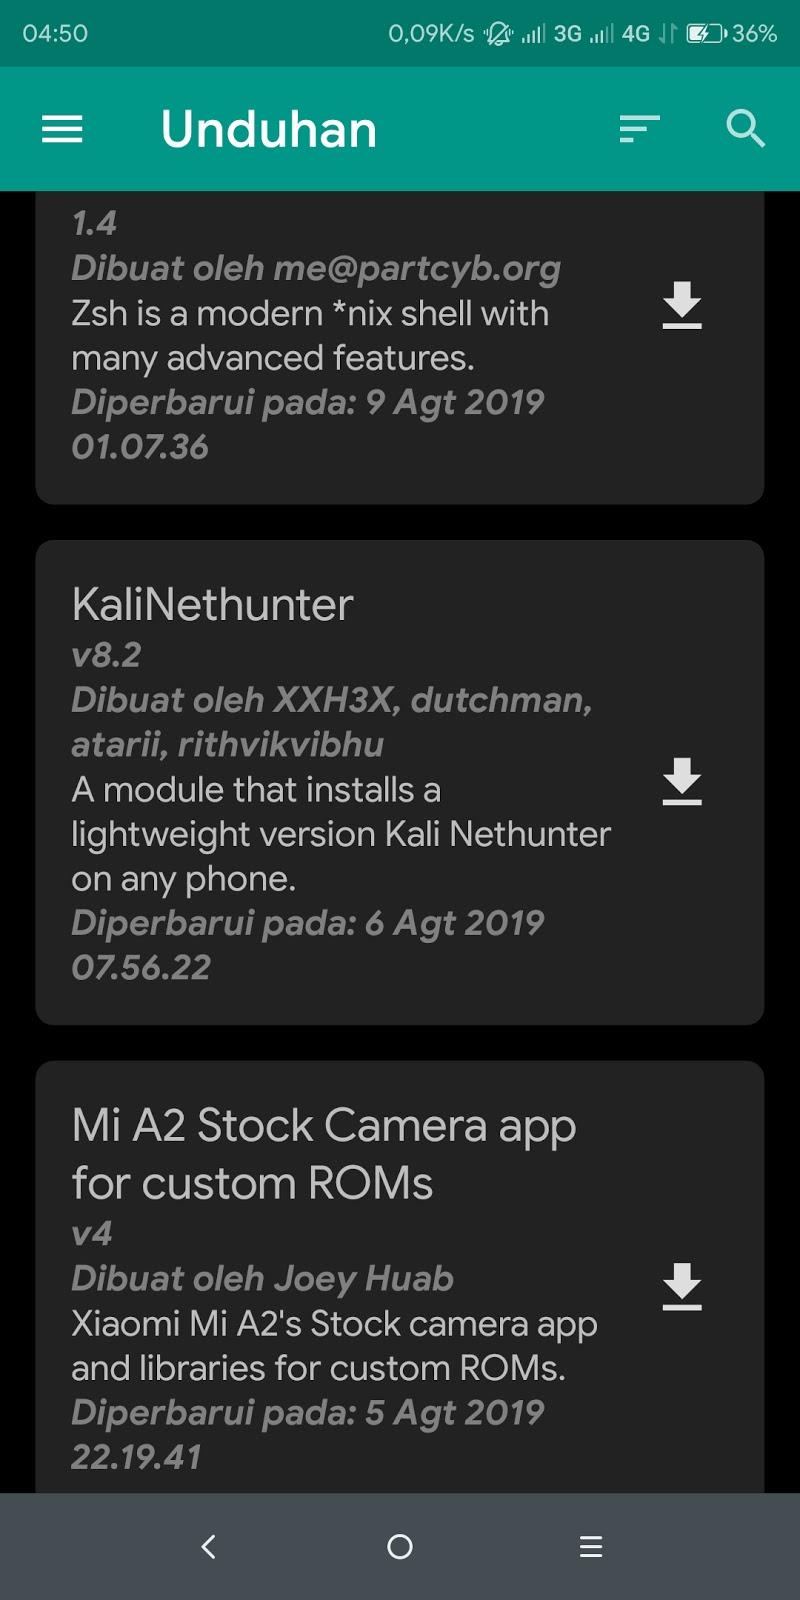 Panduan Lengkap Install KaliNethunter Secara Offline di Semua Android